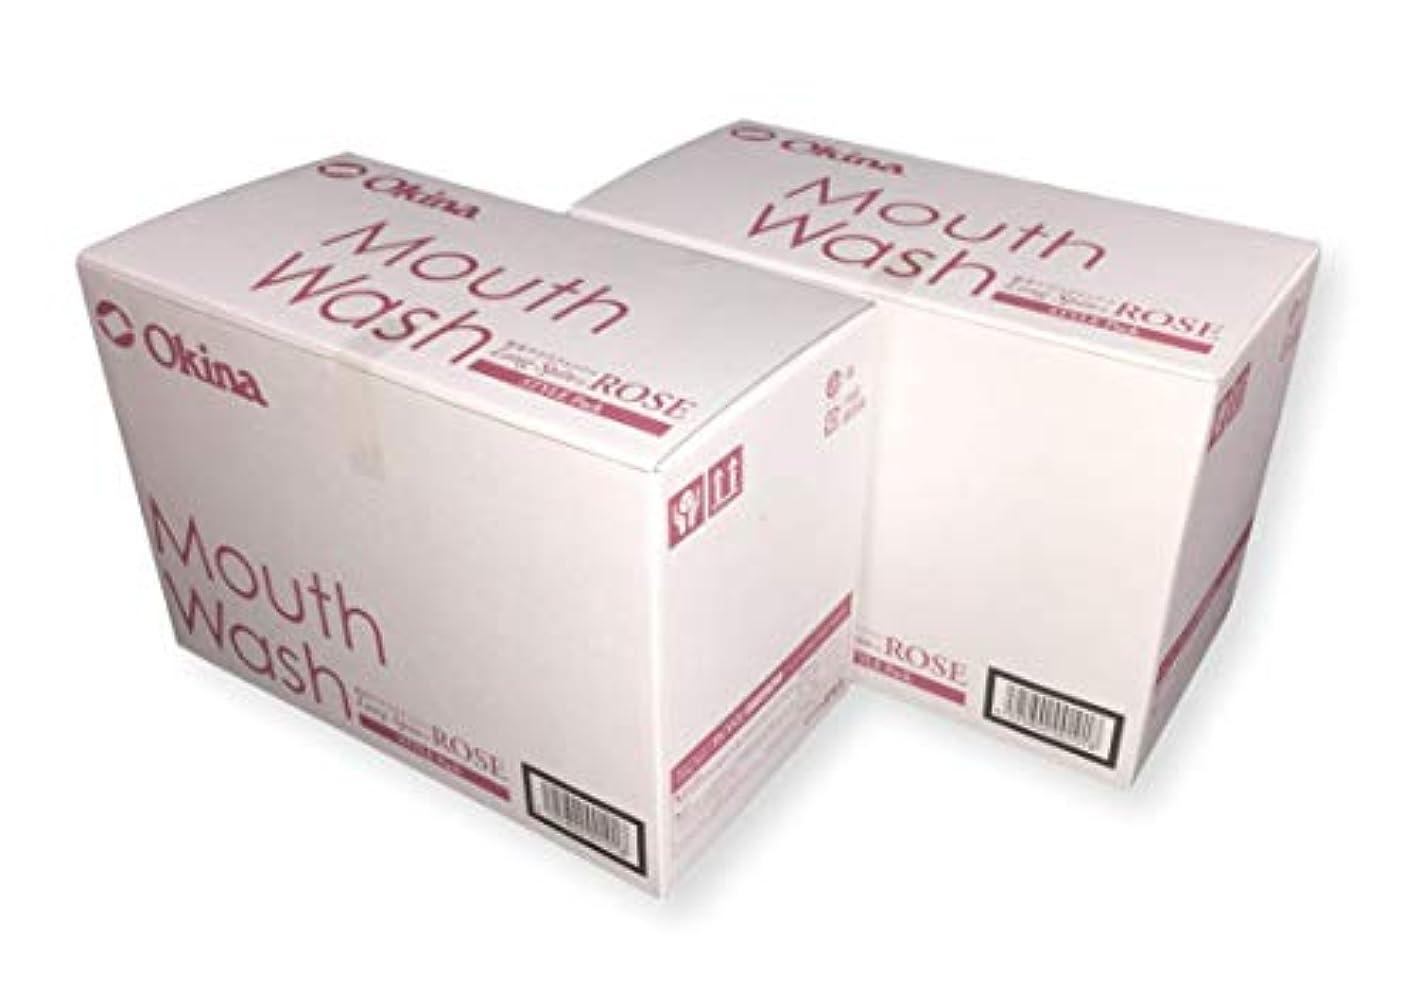 音作曲する王位オキナ マウスウォッシュ ロングスピン スタイルパック ROSE お得な2箱セット(100入りx2箱) LS-RS